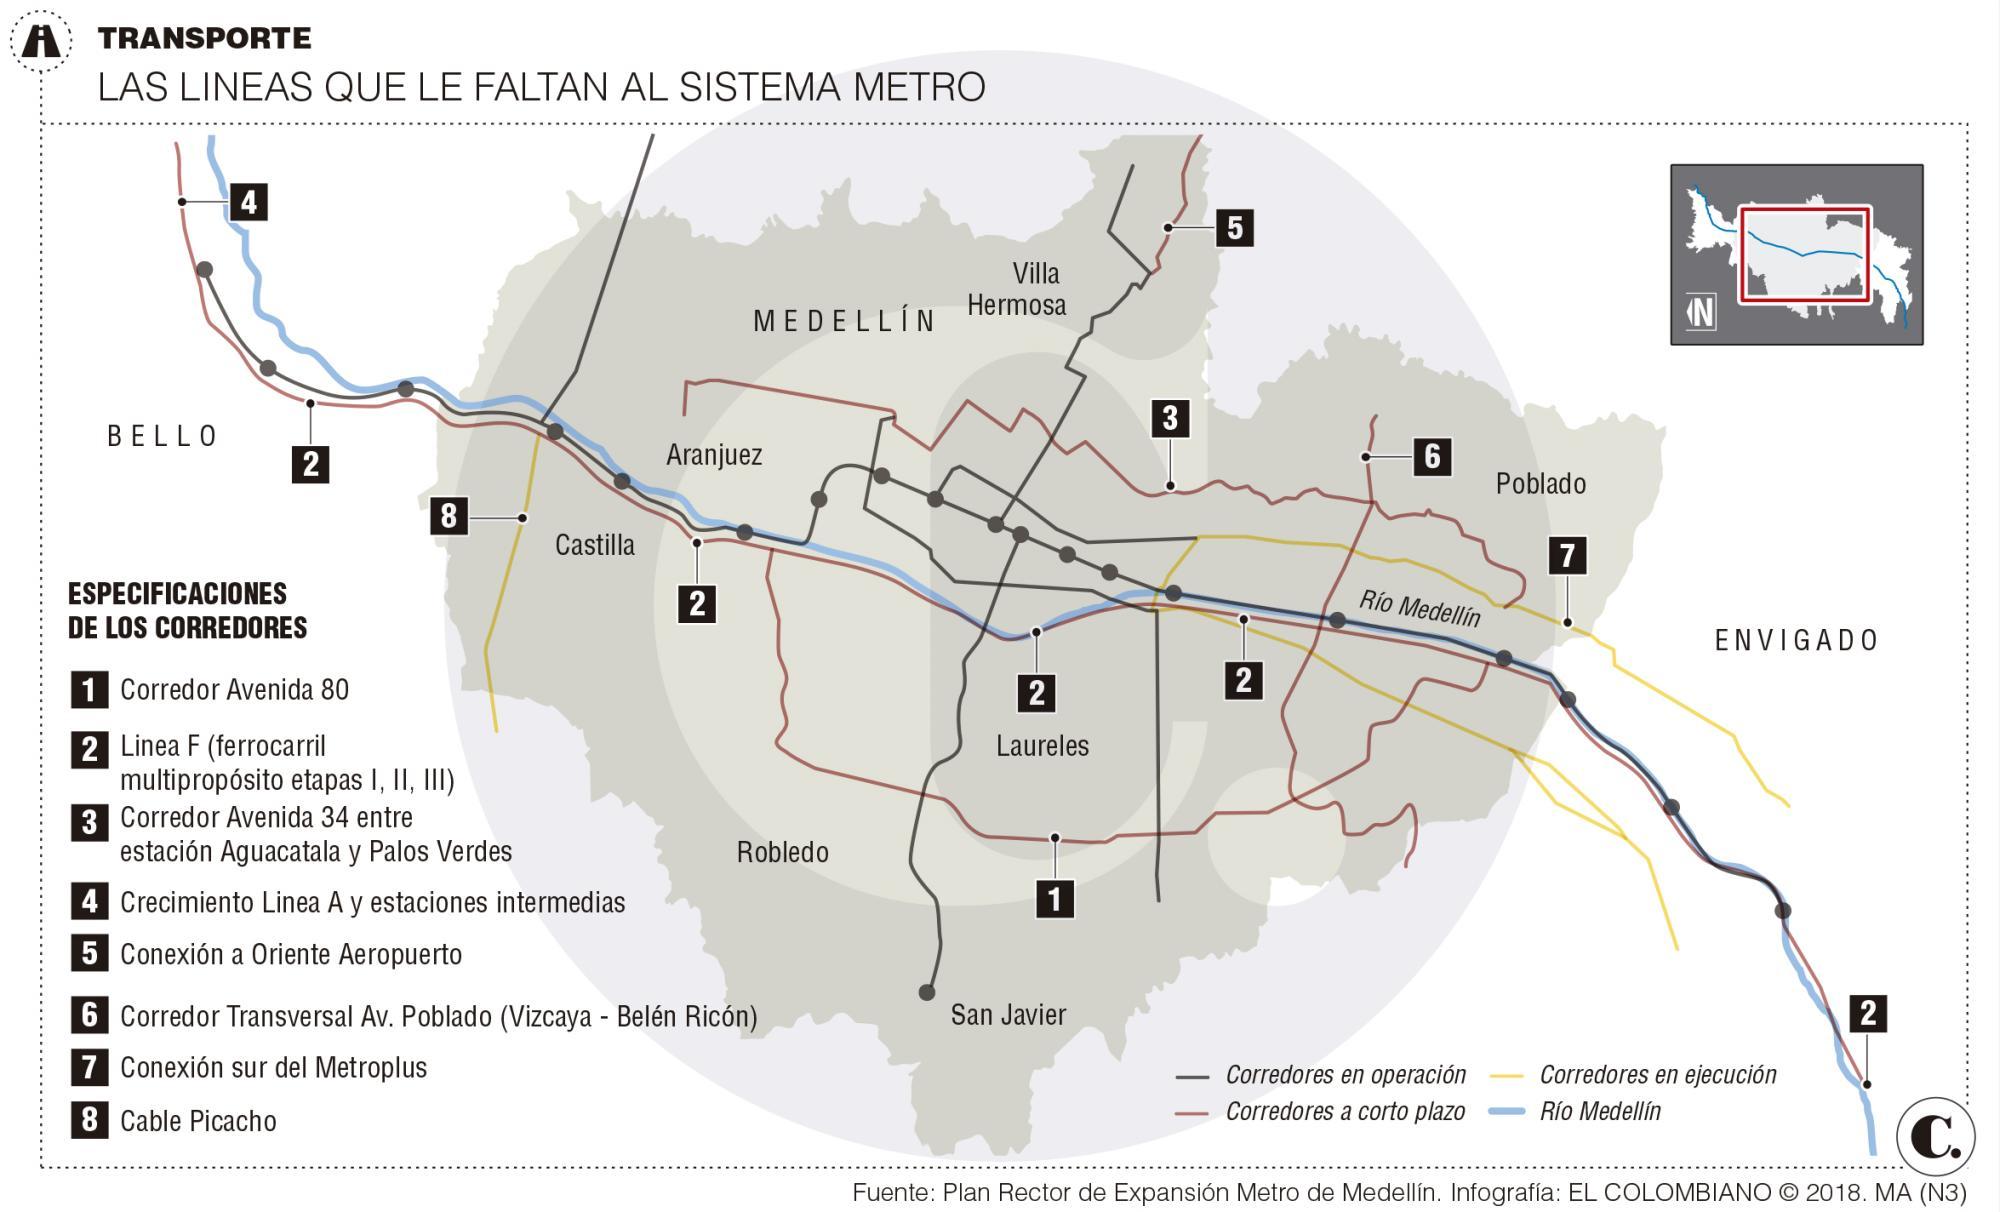 Fallas en el Metro de Medellín: soluciones